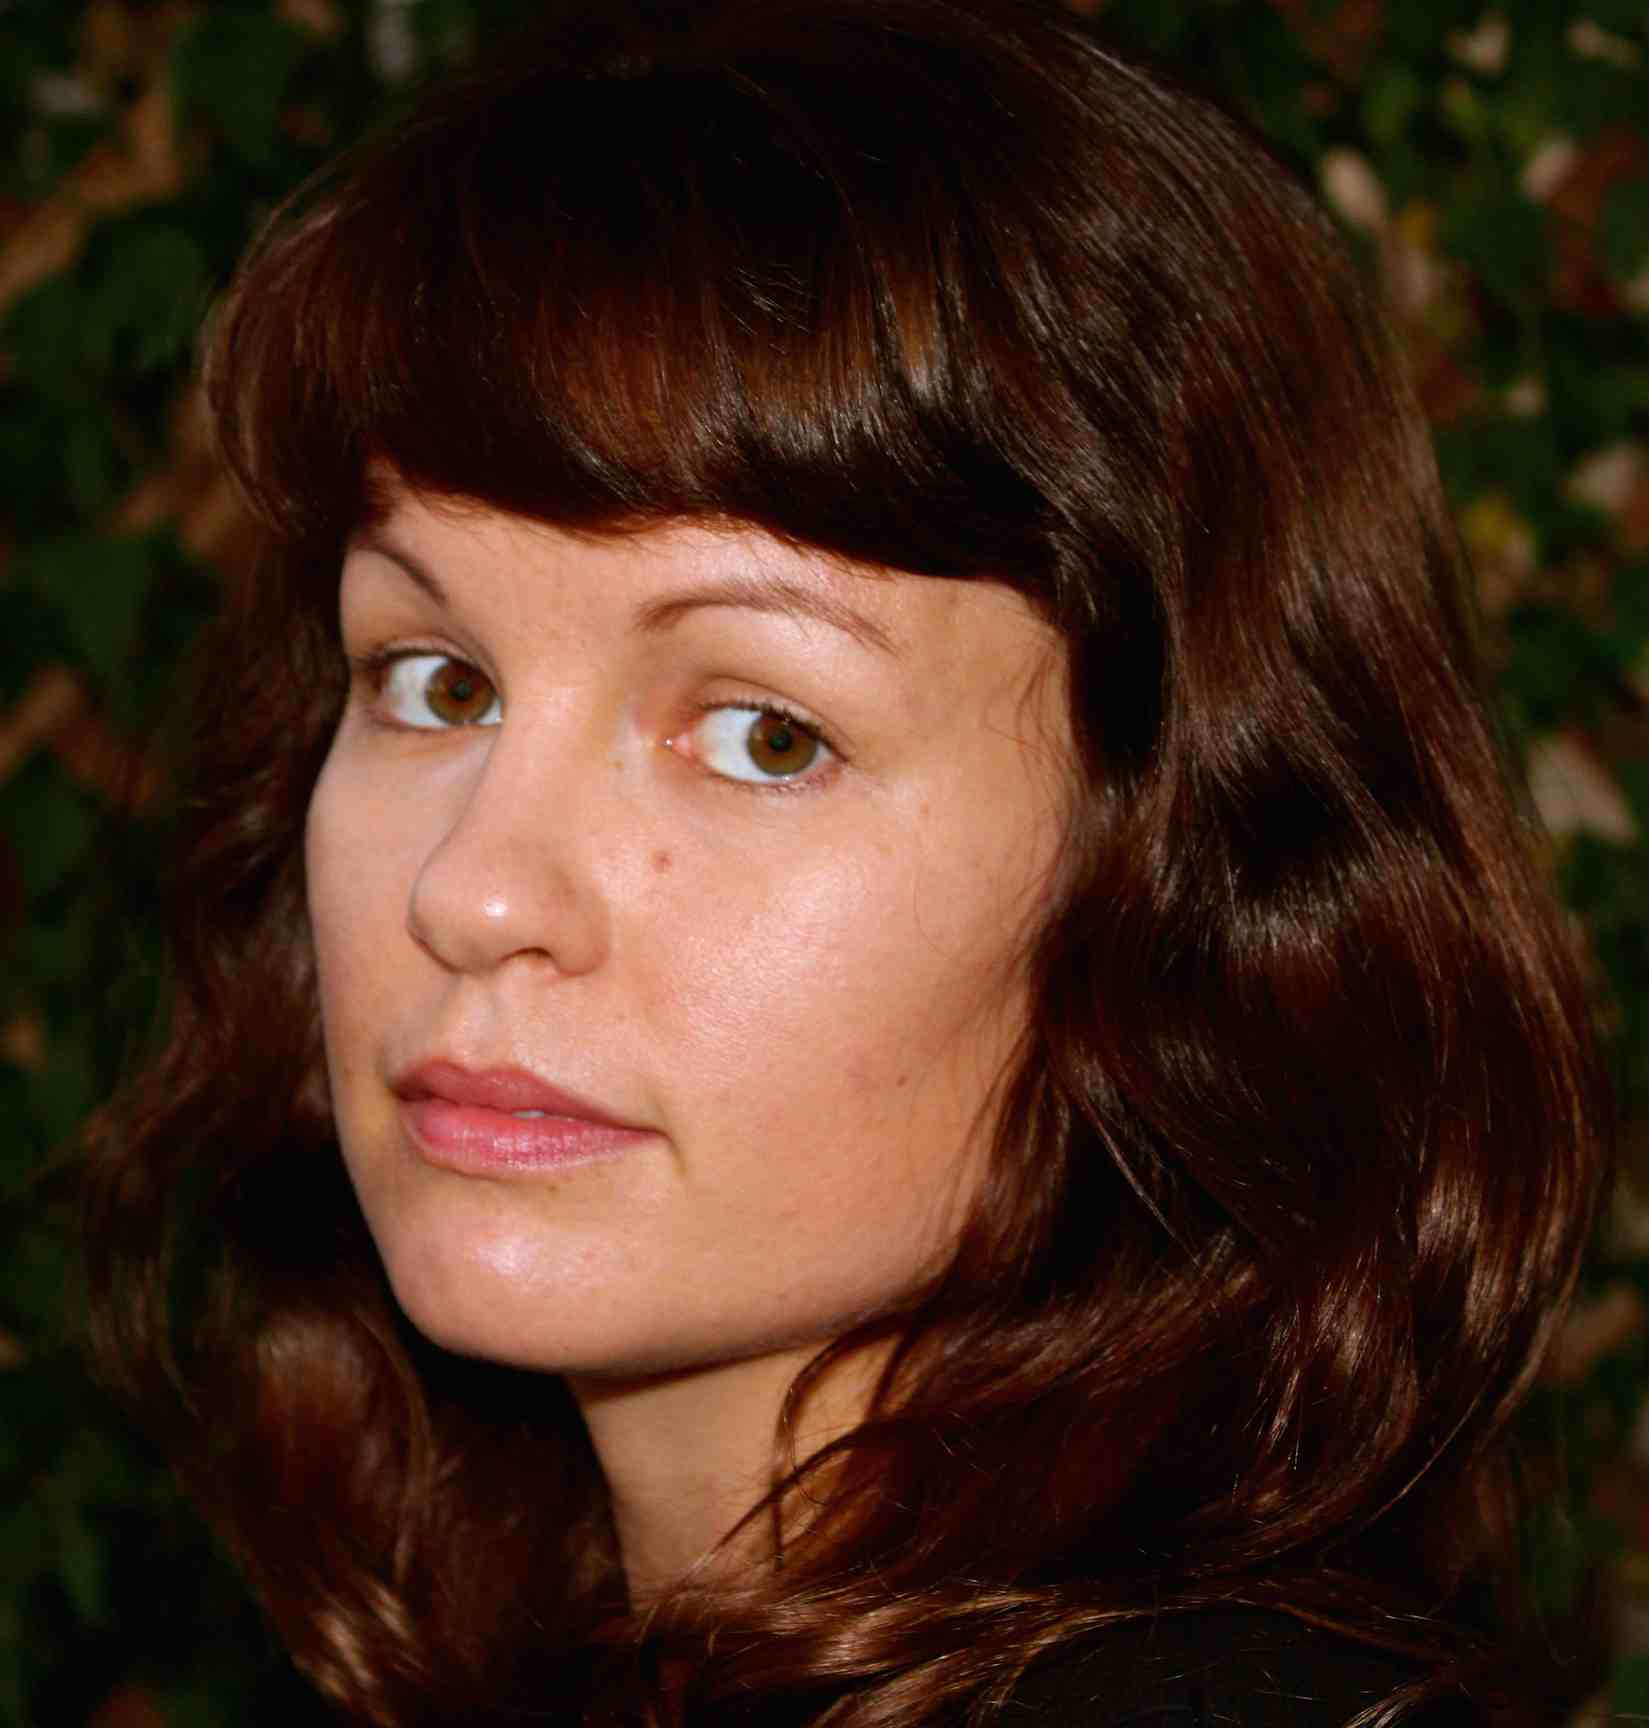 Tess Doezema